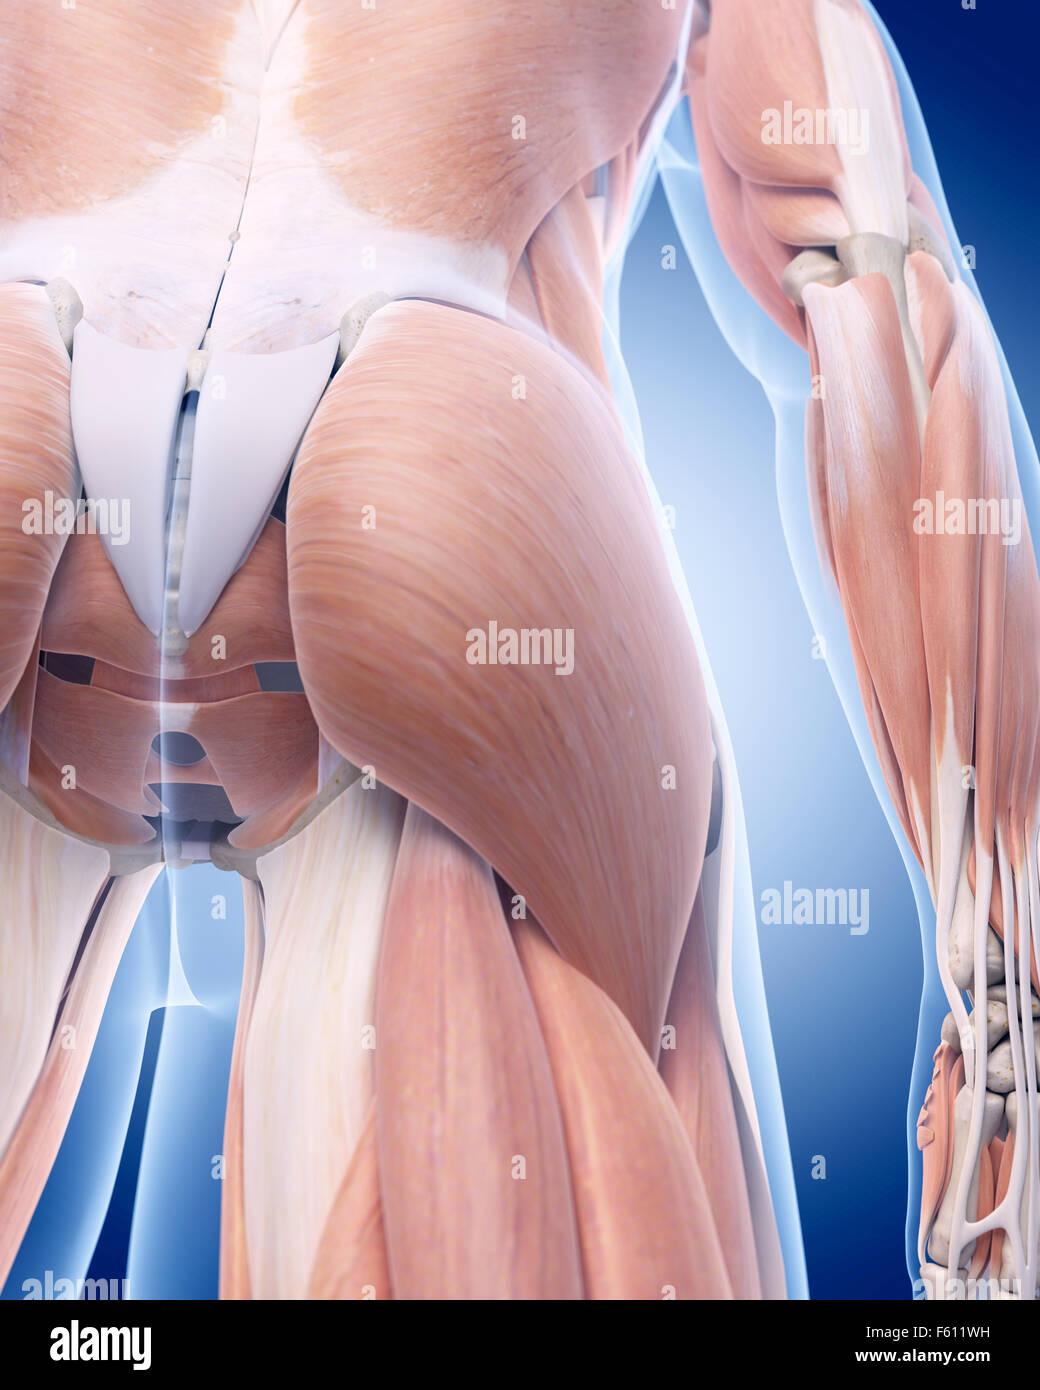 Illustration de l'exacte médicalement muscle grand fessier Photo Stock